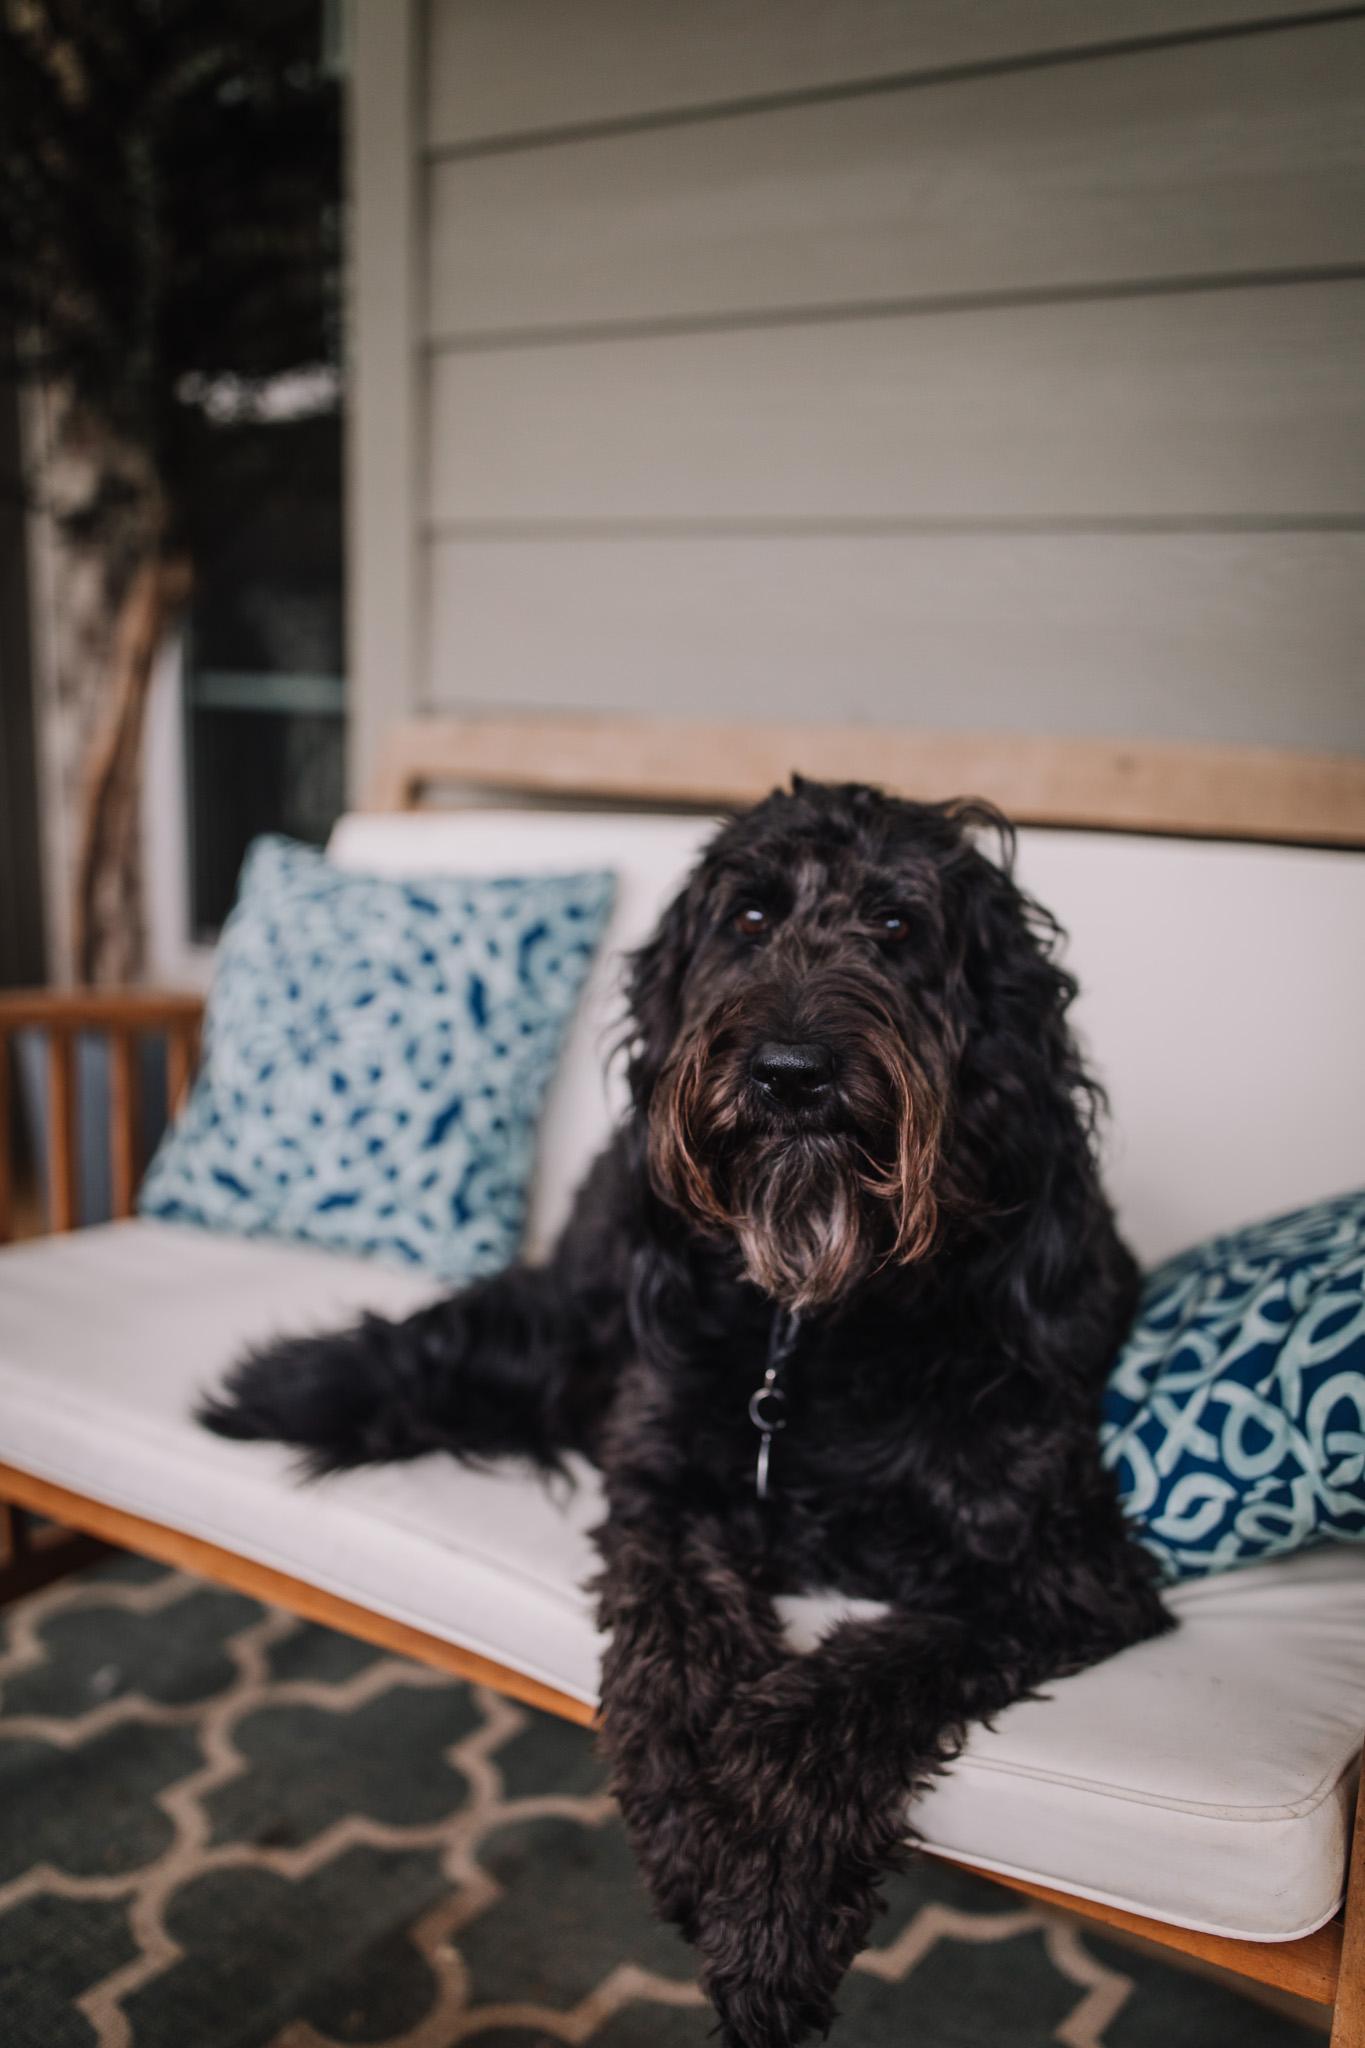 black goldendoodle dog sitting